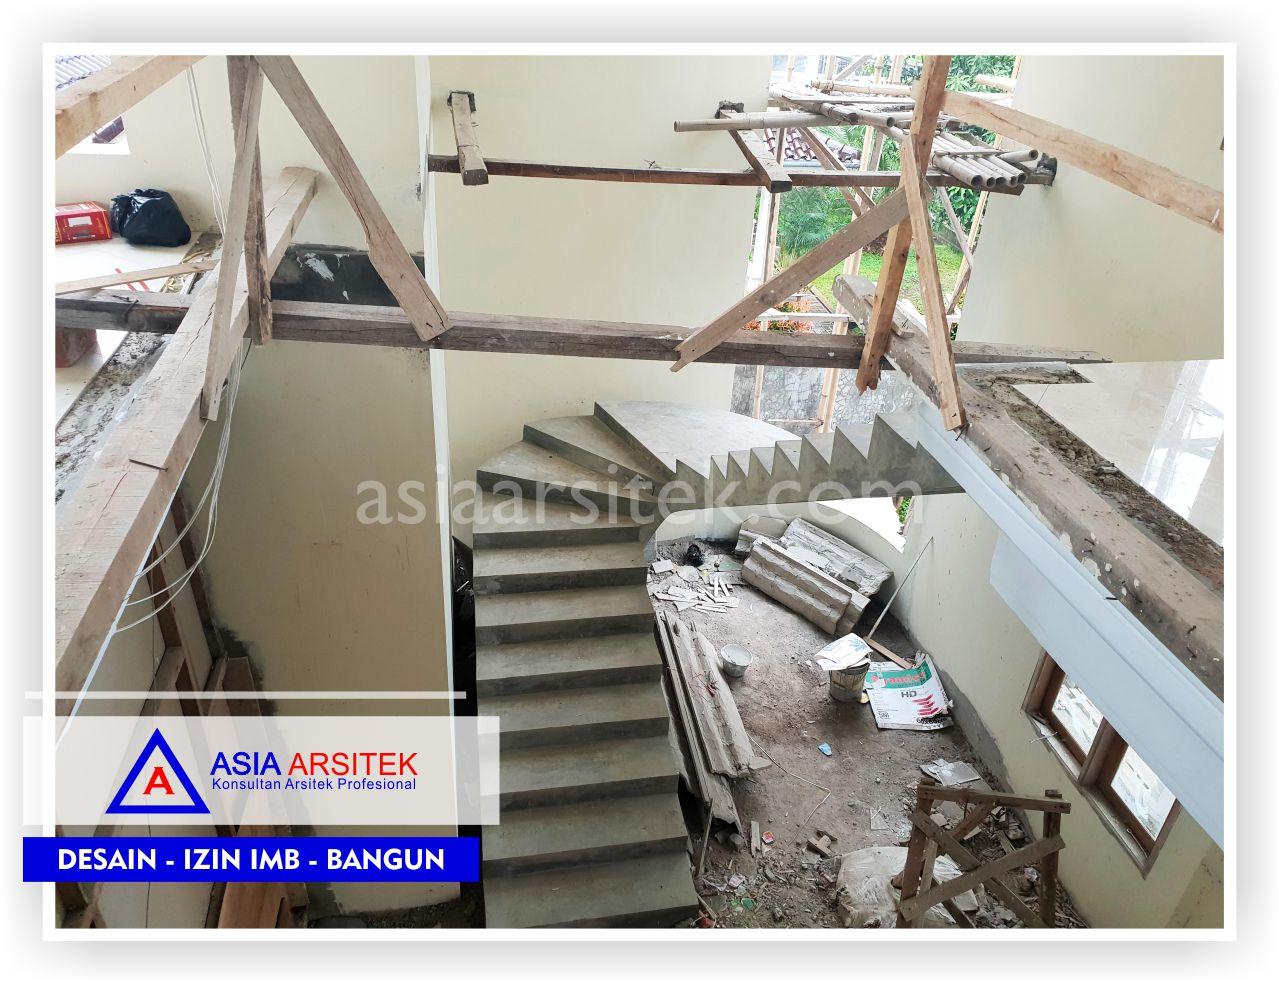 Area Tangga Rumah Klasik Mewah Bu Iis - Arsitek Desain Rumah Minimalis Modern Di Bandung-Tangerang-Bogor-Bekasi-Jakarta-Jasa Konsultan Desain Arsitek Profesional (2)